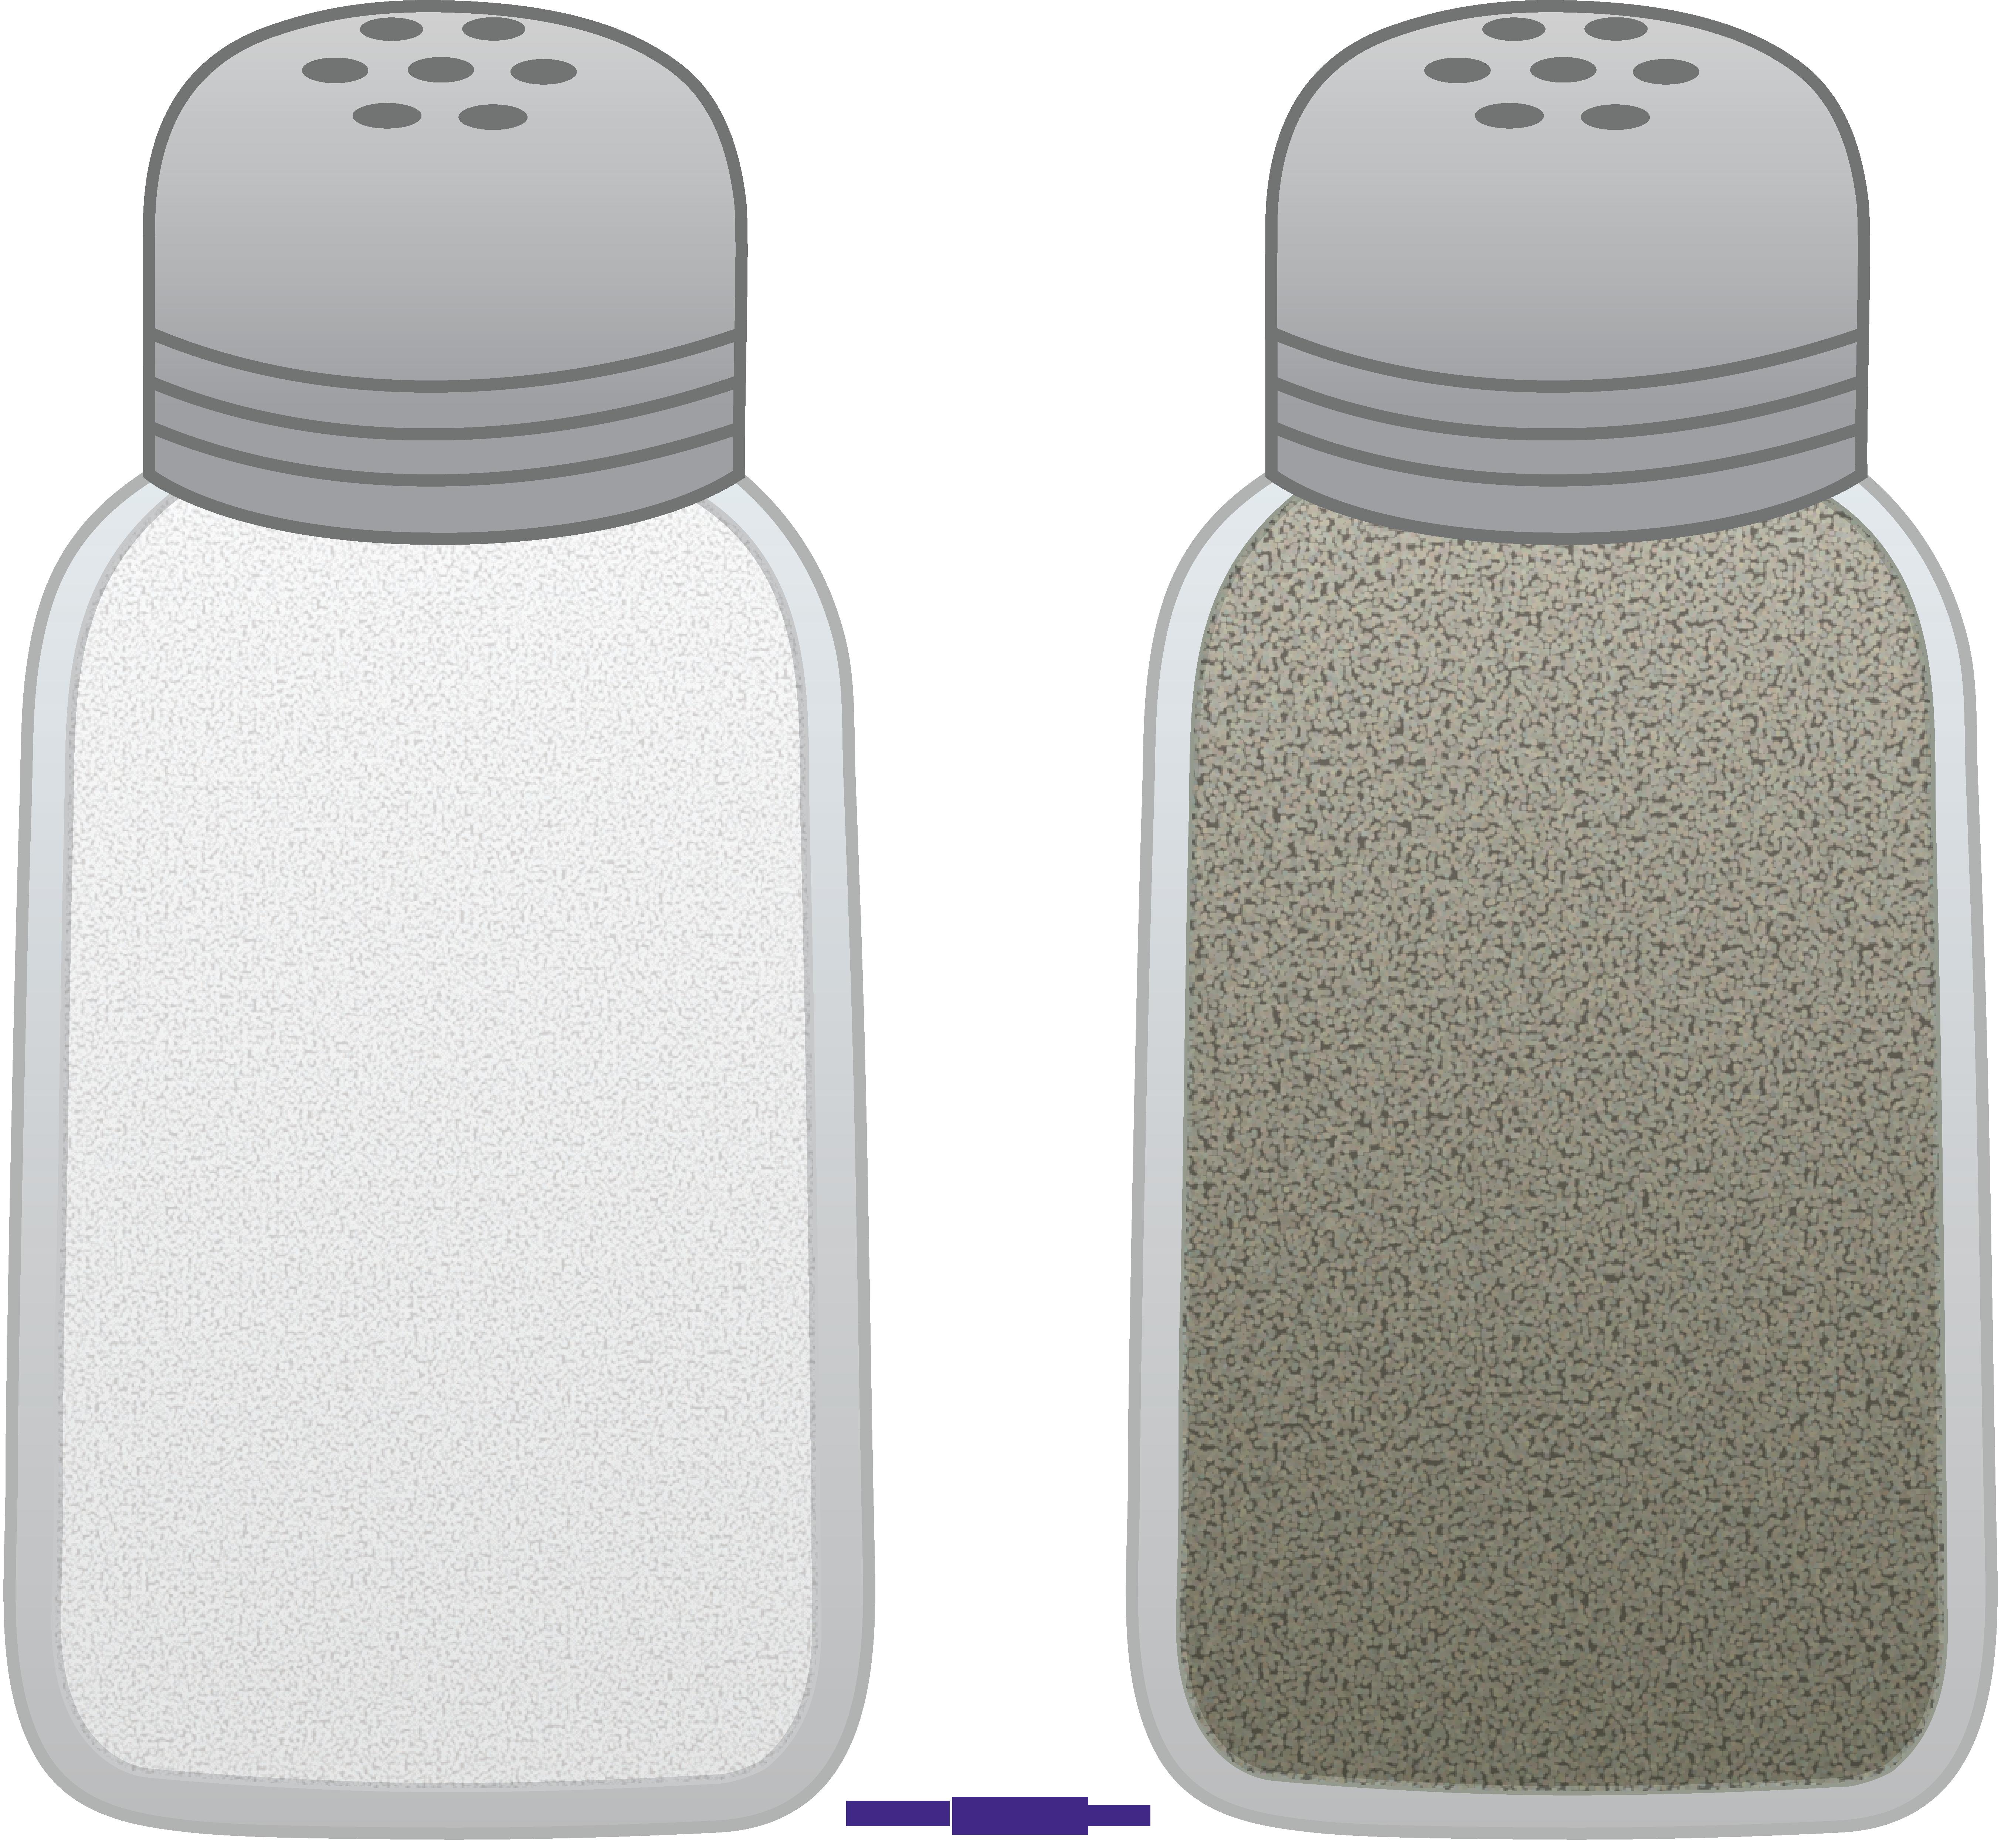 Pepper clipart pepper bottle. Salt shakers sweet clip